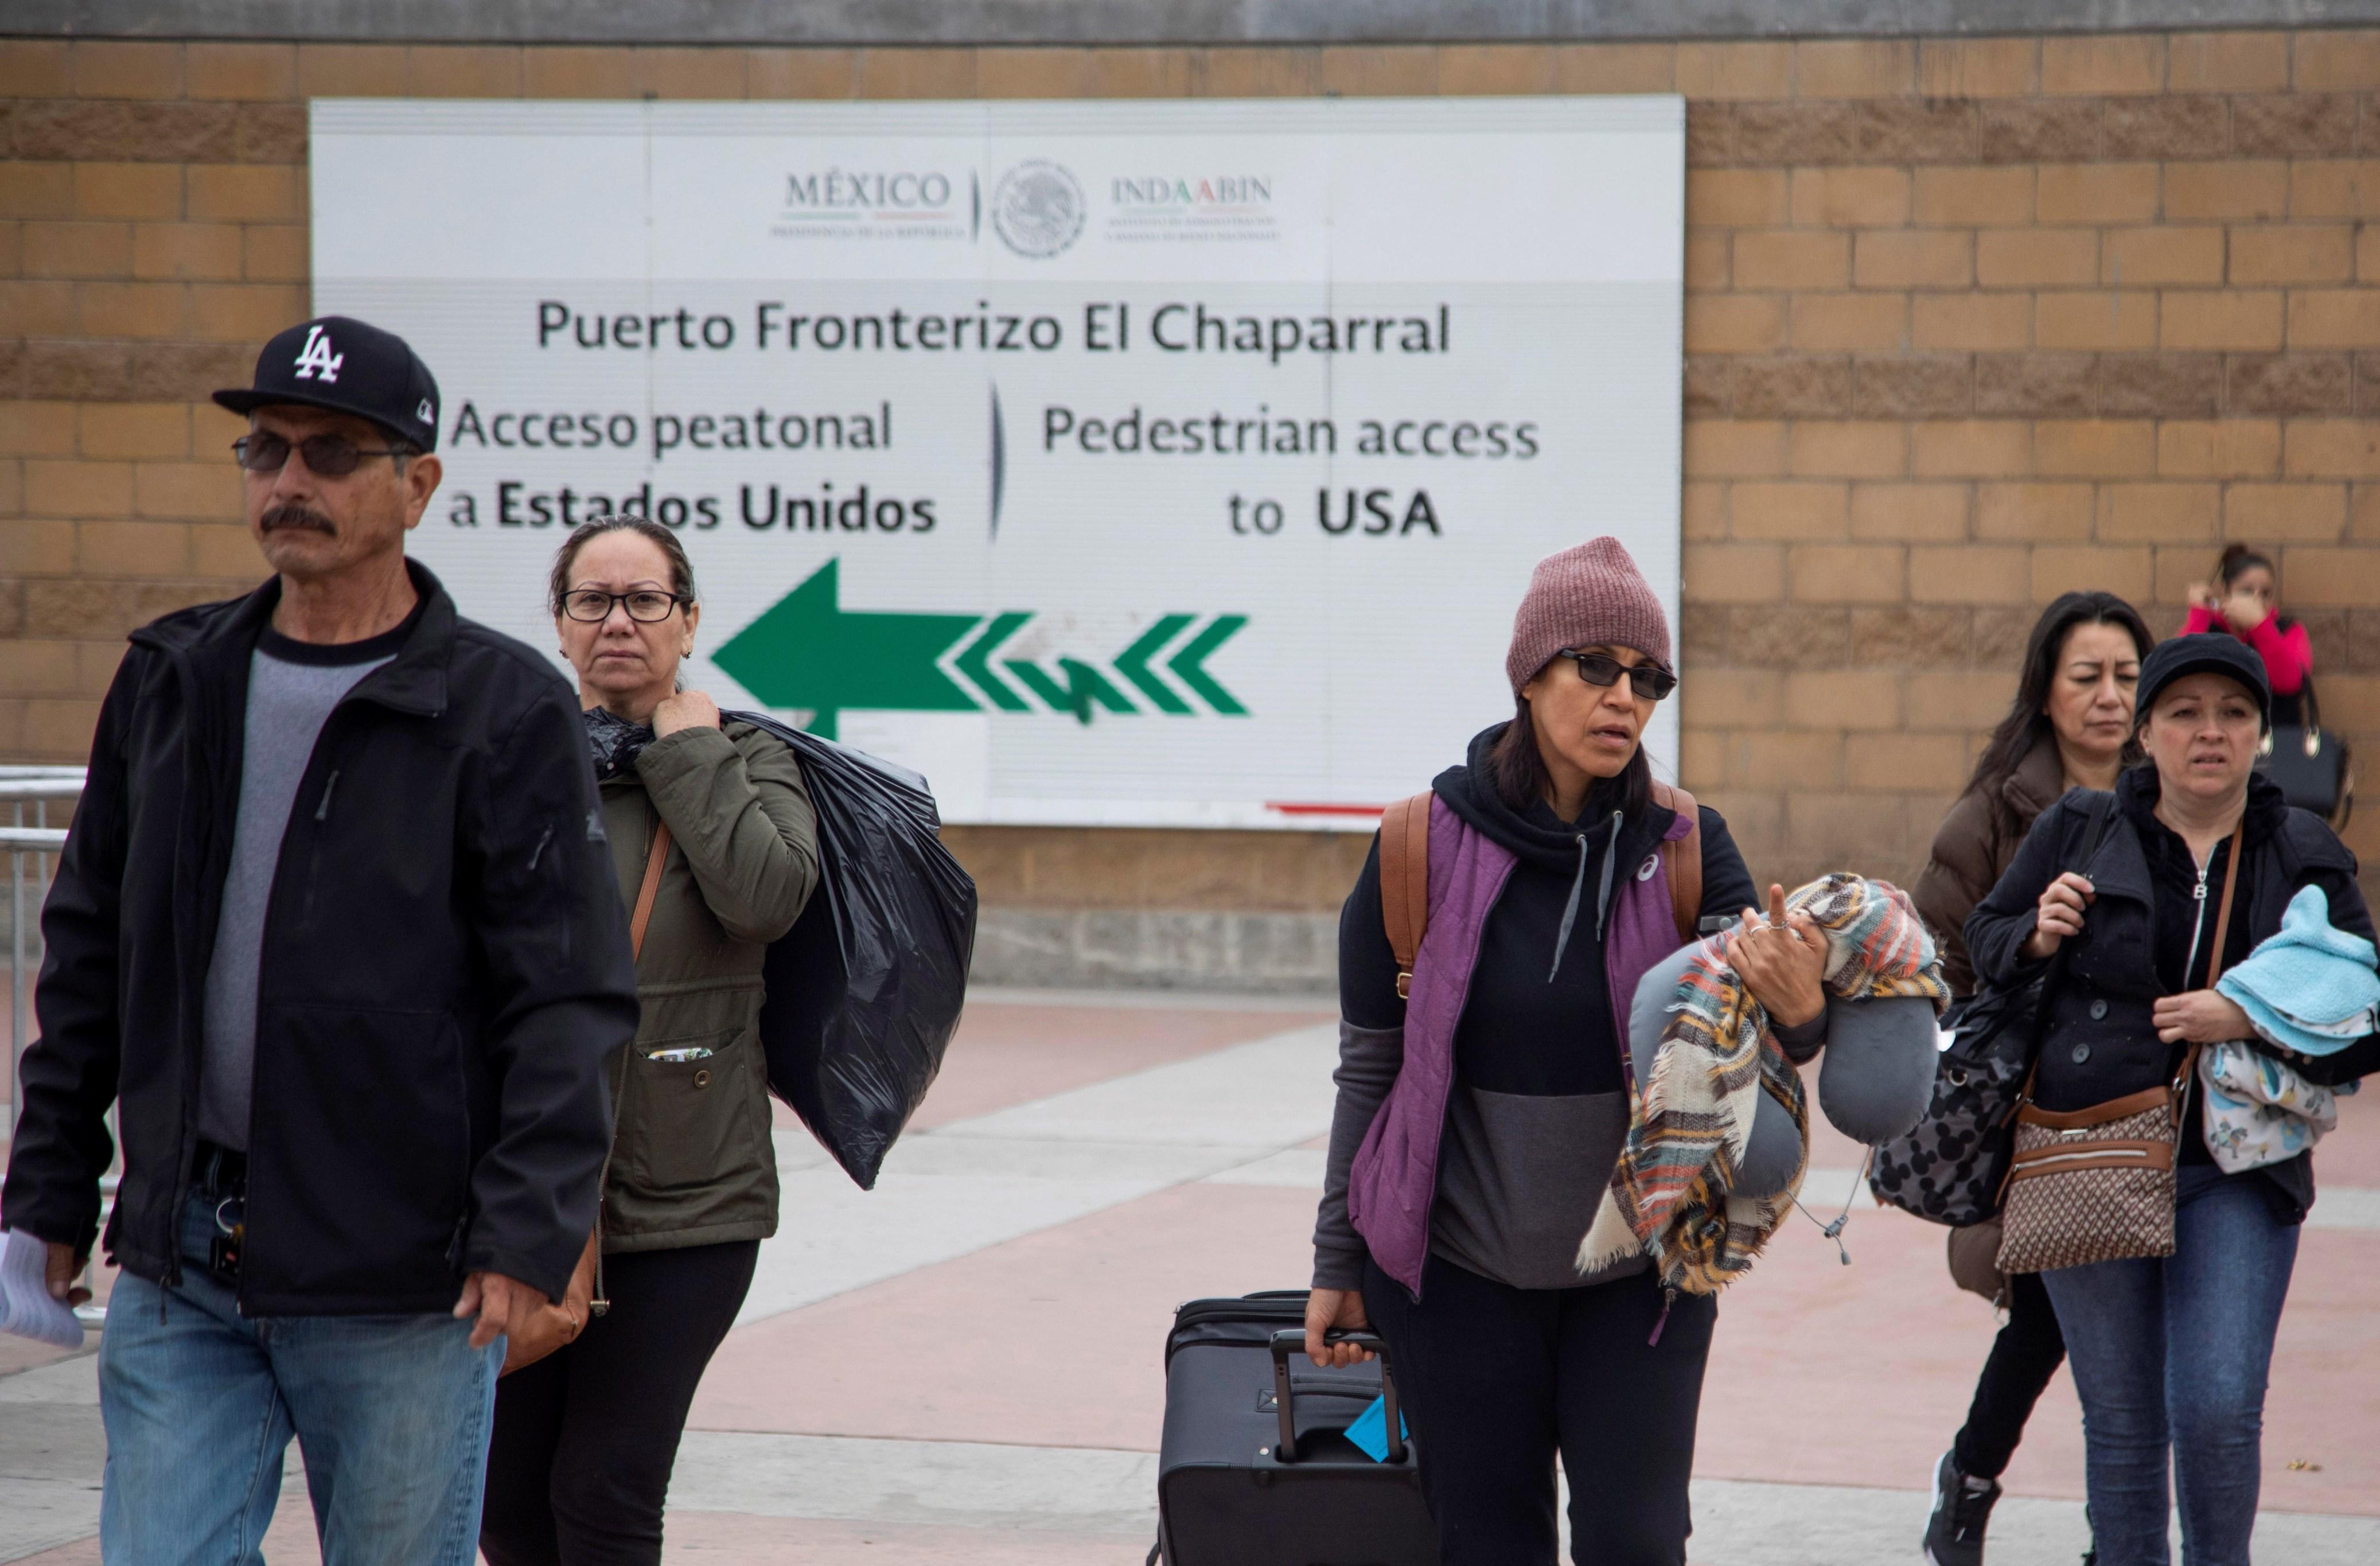 Expertos piden sistema de inmigración independiente y atender demoras